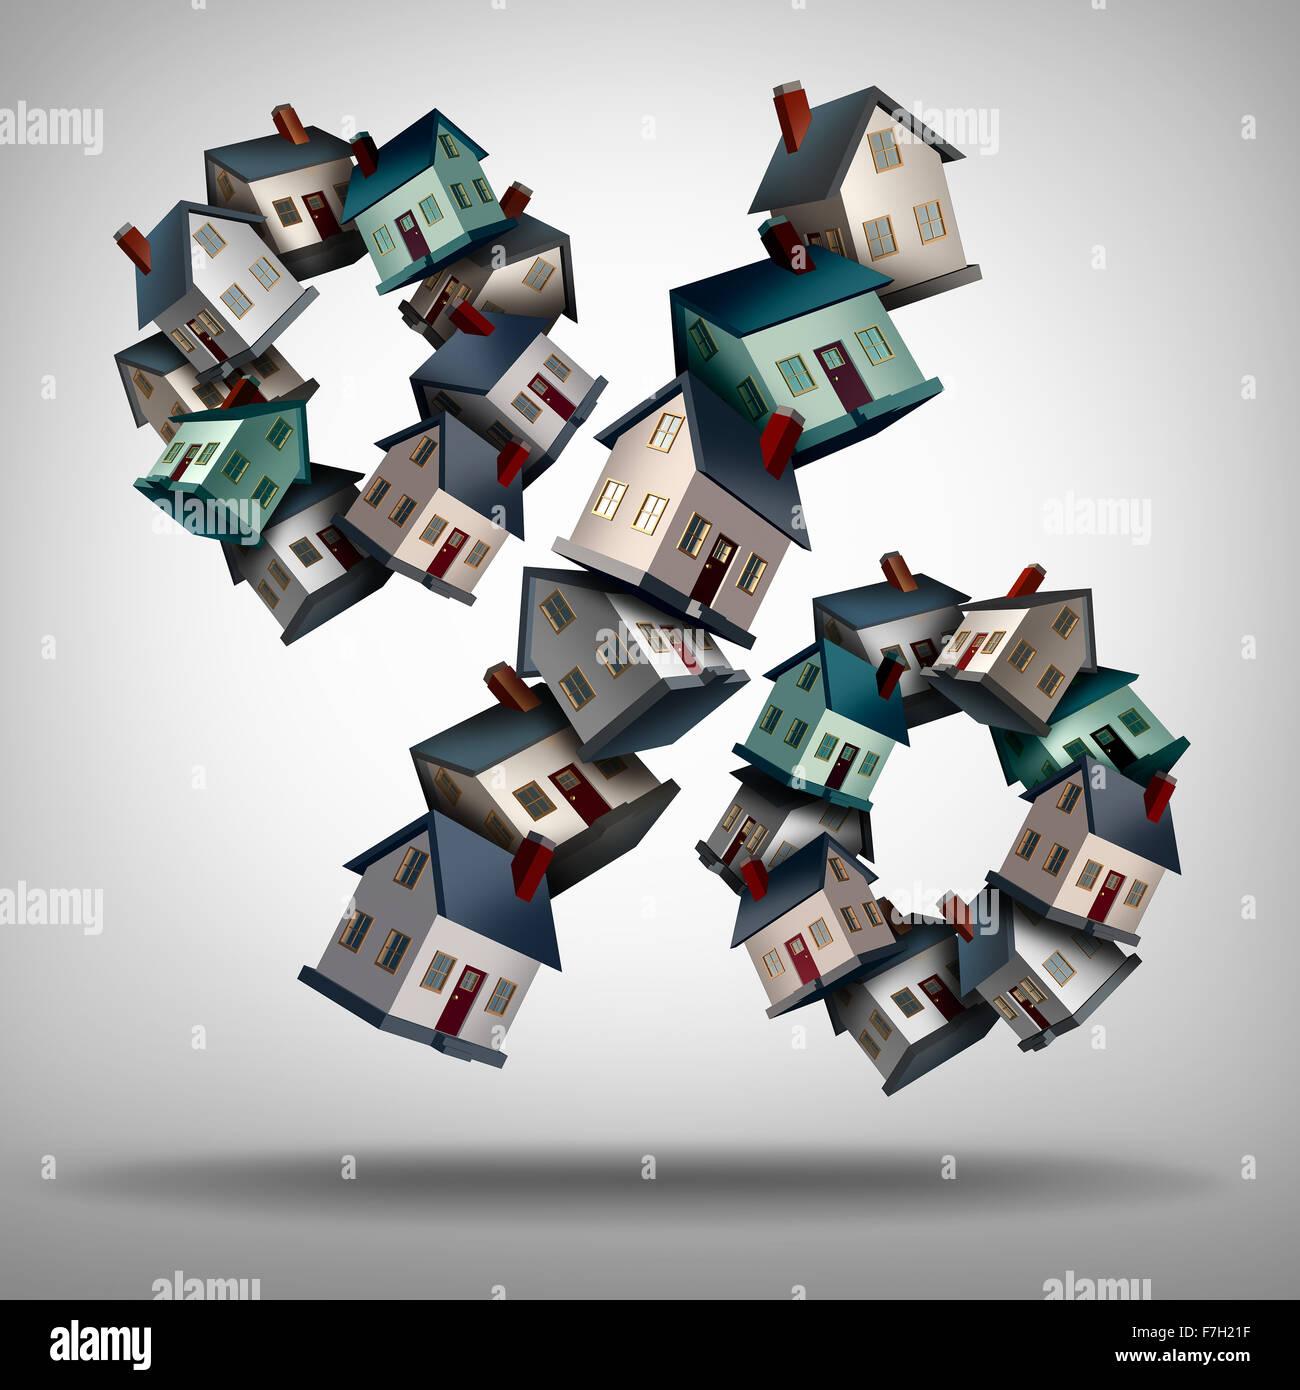 Home tassi ipotecari concetto e tasso di interesse come simbolo di un gruppo di case o case conformata come un segno Immagini Stock